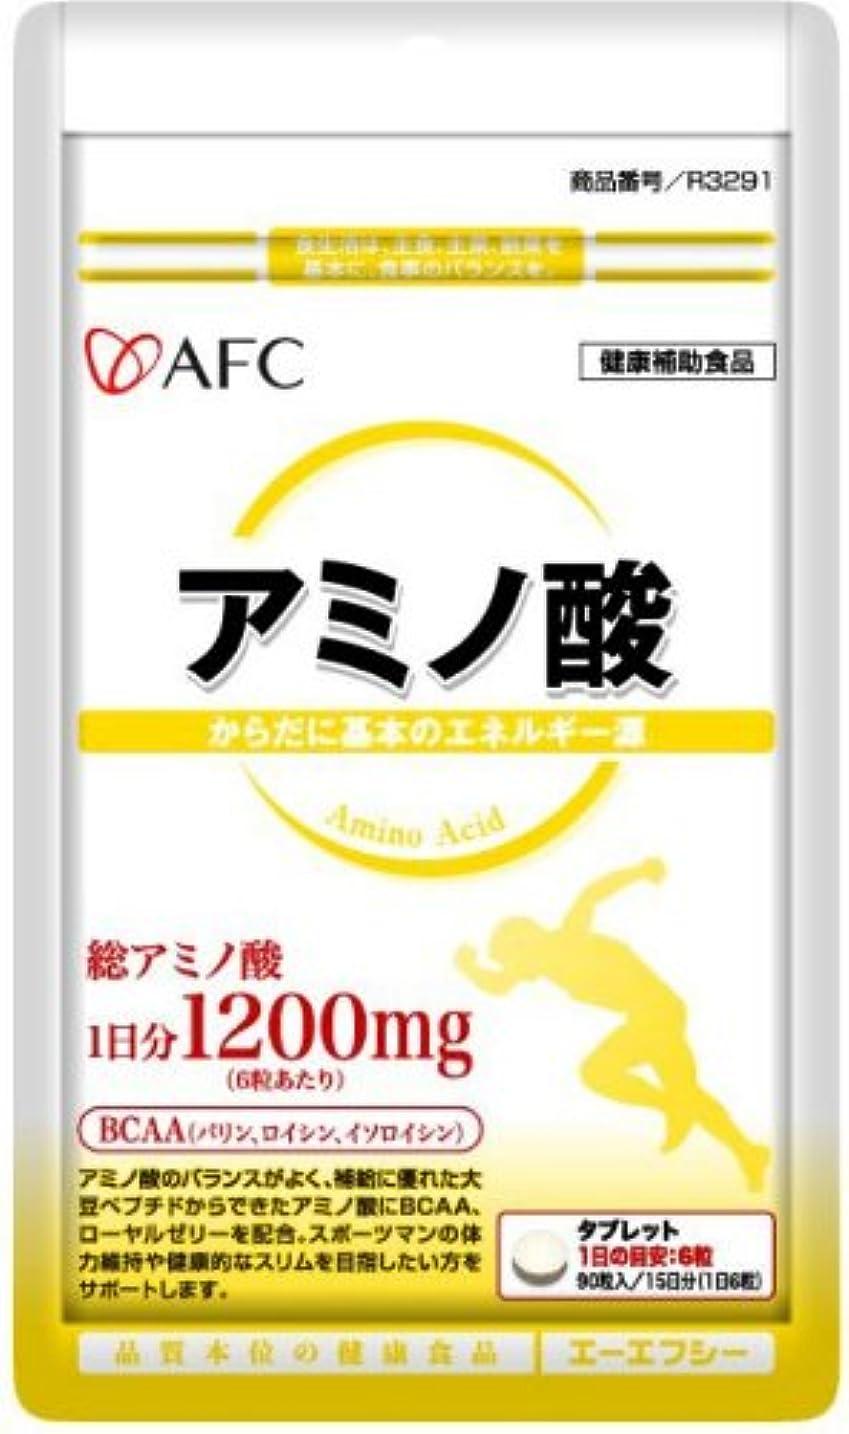 確立します寛容なあえぎAFC 500円シリーズ アミノ酸 90粒入 (約15日分)